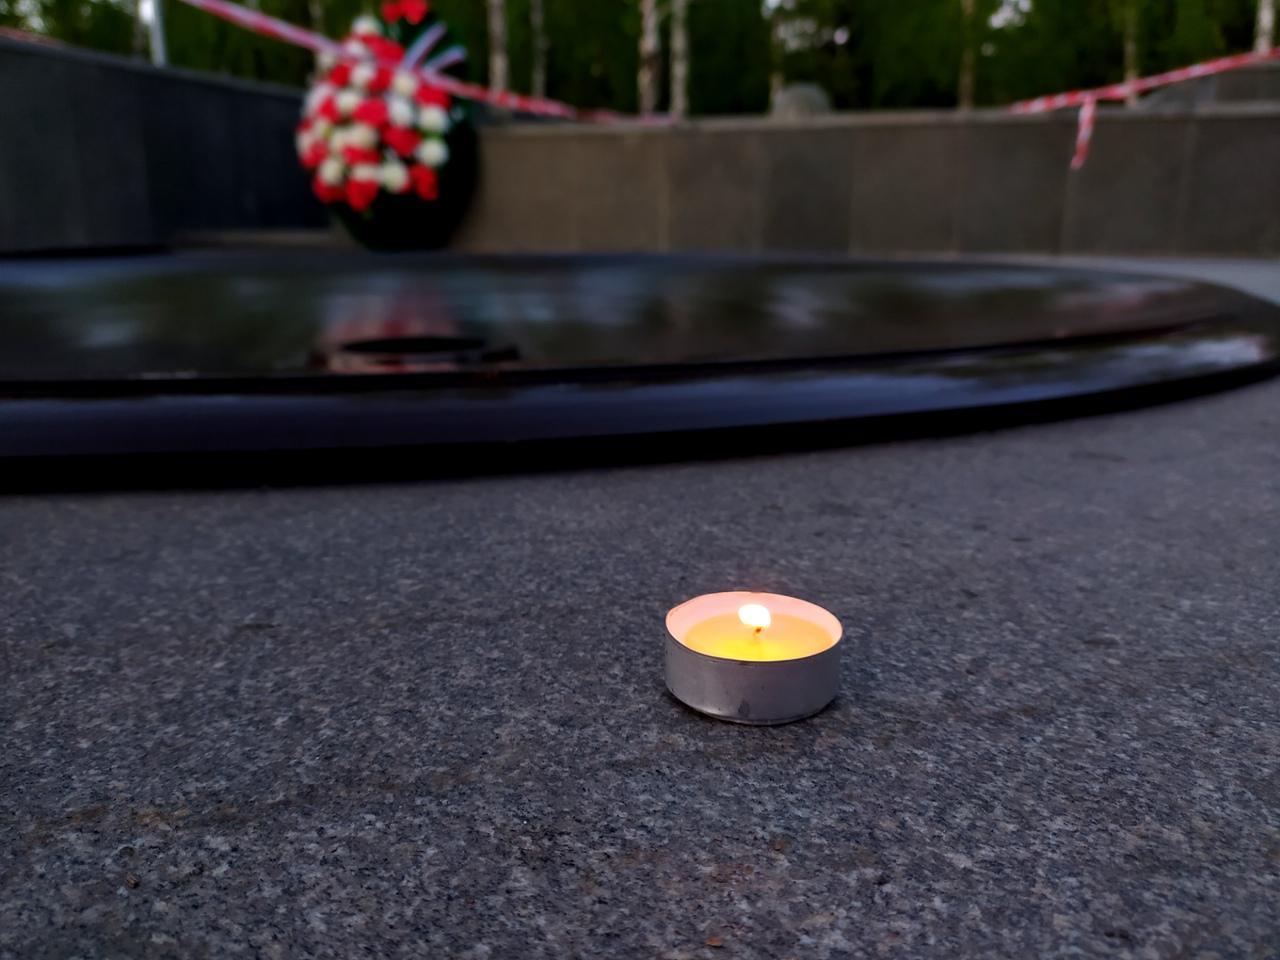 Фото В Новосибирске накануне Дня Победы погасили Вечный огонь 4